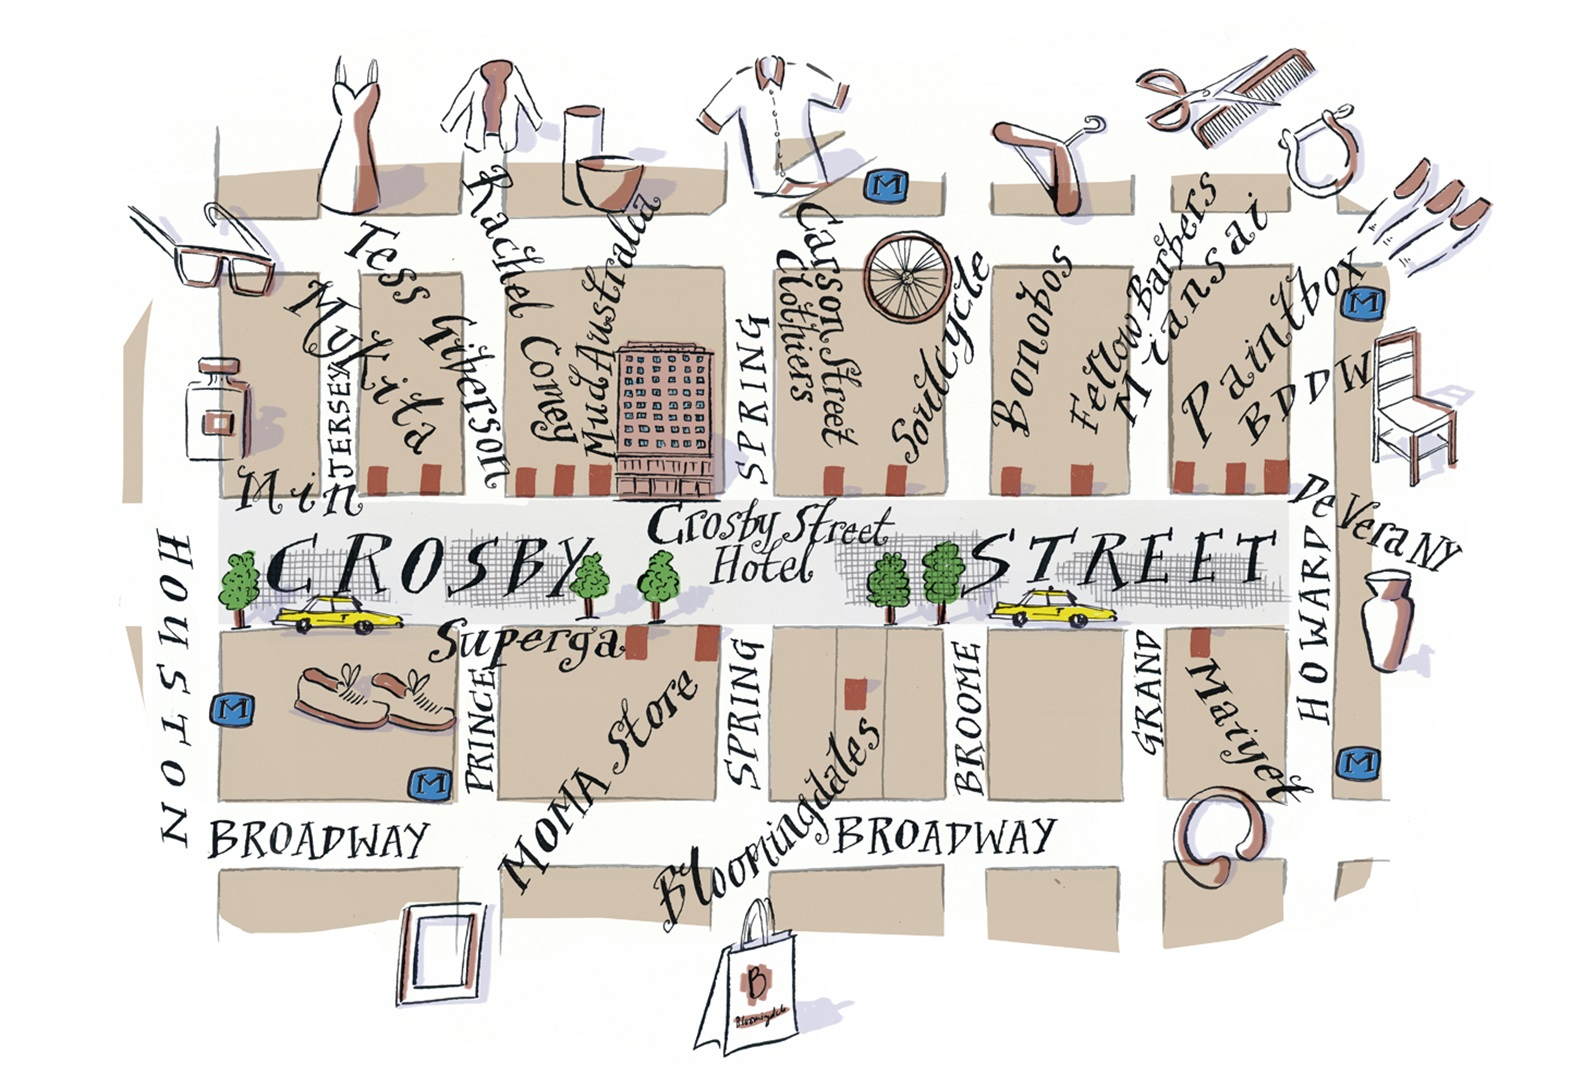 csny-village_Slideshow